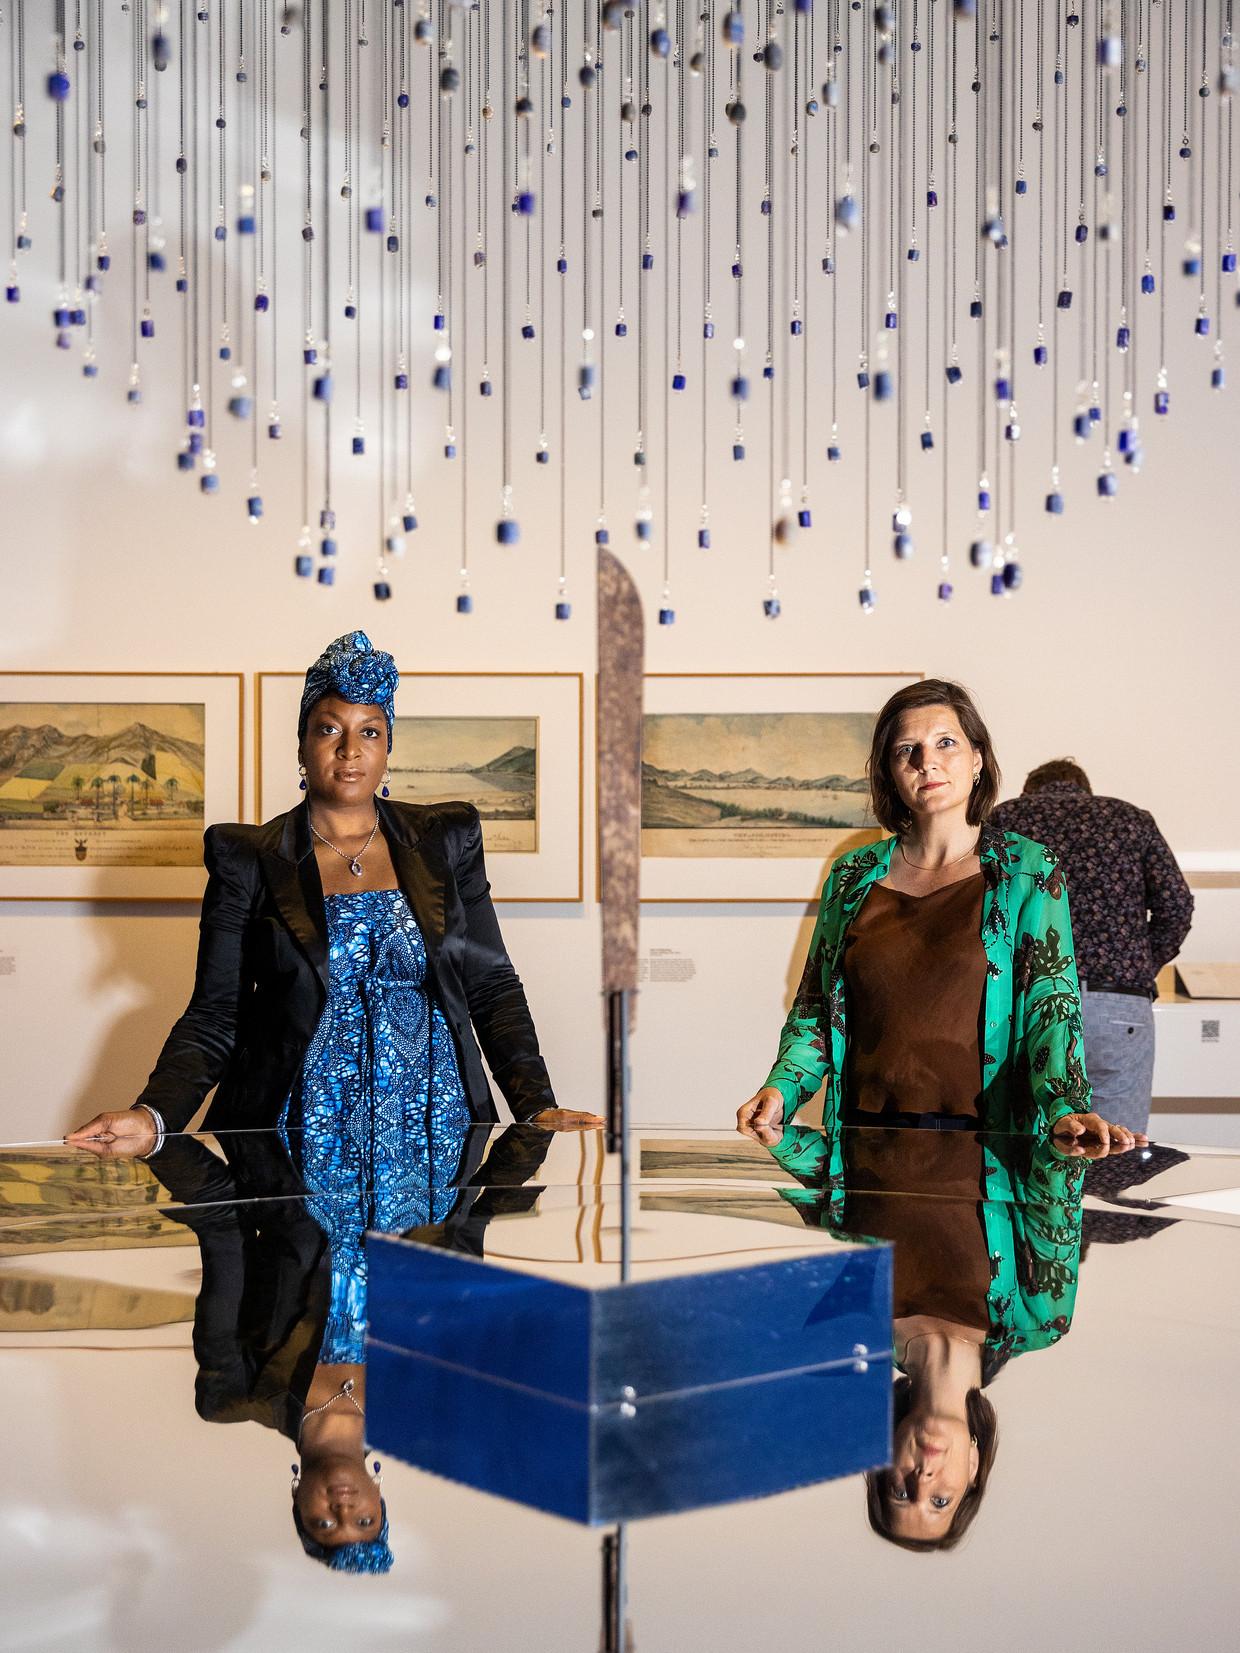 Peggy Bouva en Maartje Duin in de slavernijtentoonstelling in het Rijksmuseum bij een installatie met blauwe kralen.  Beeld Jiri Büller